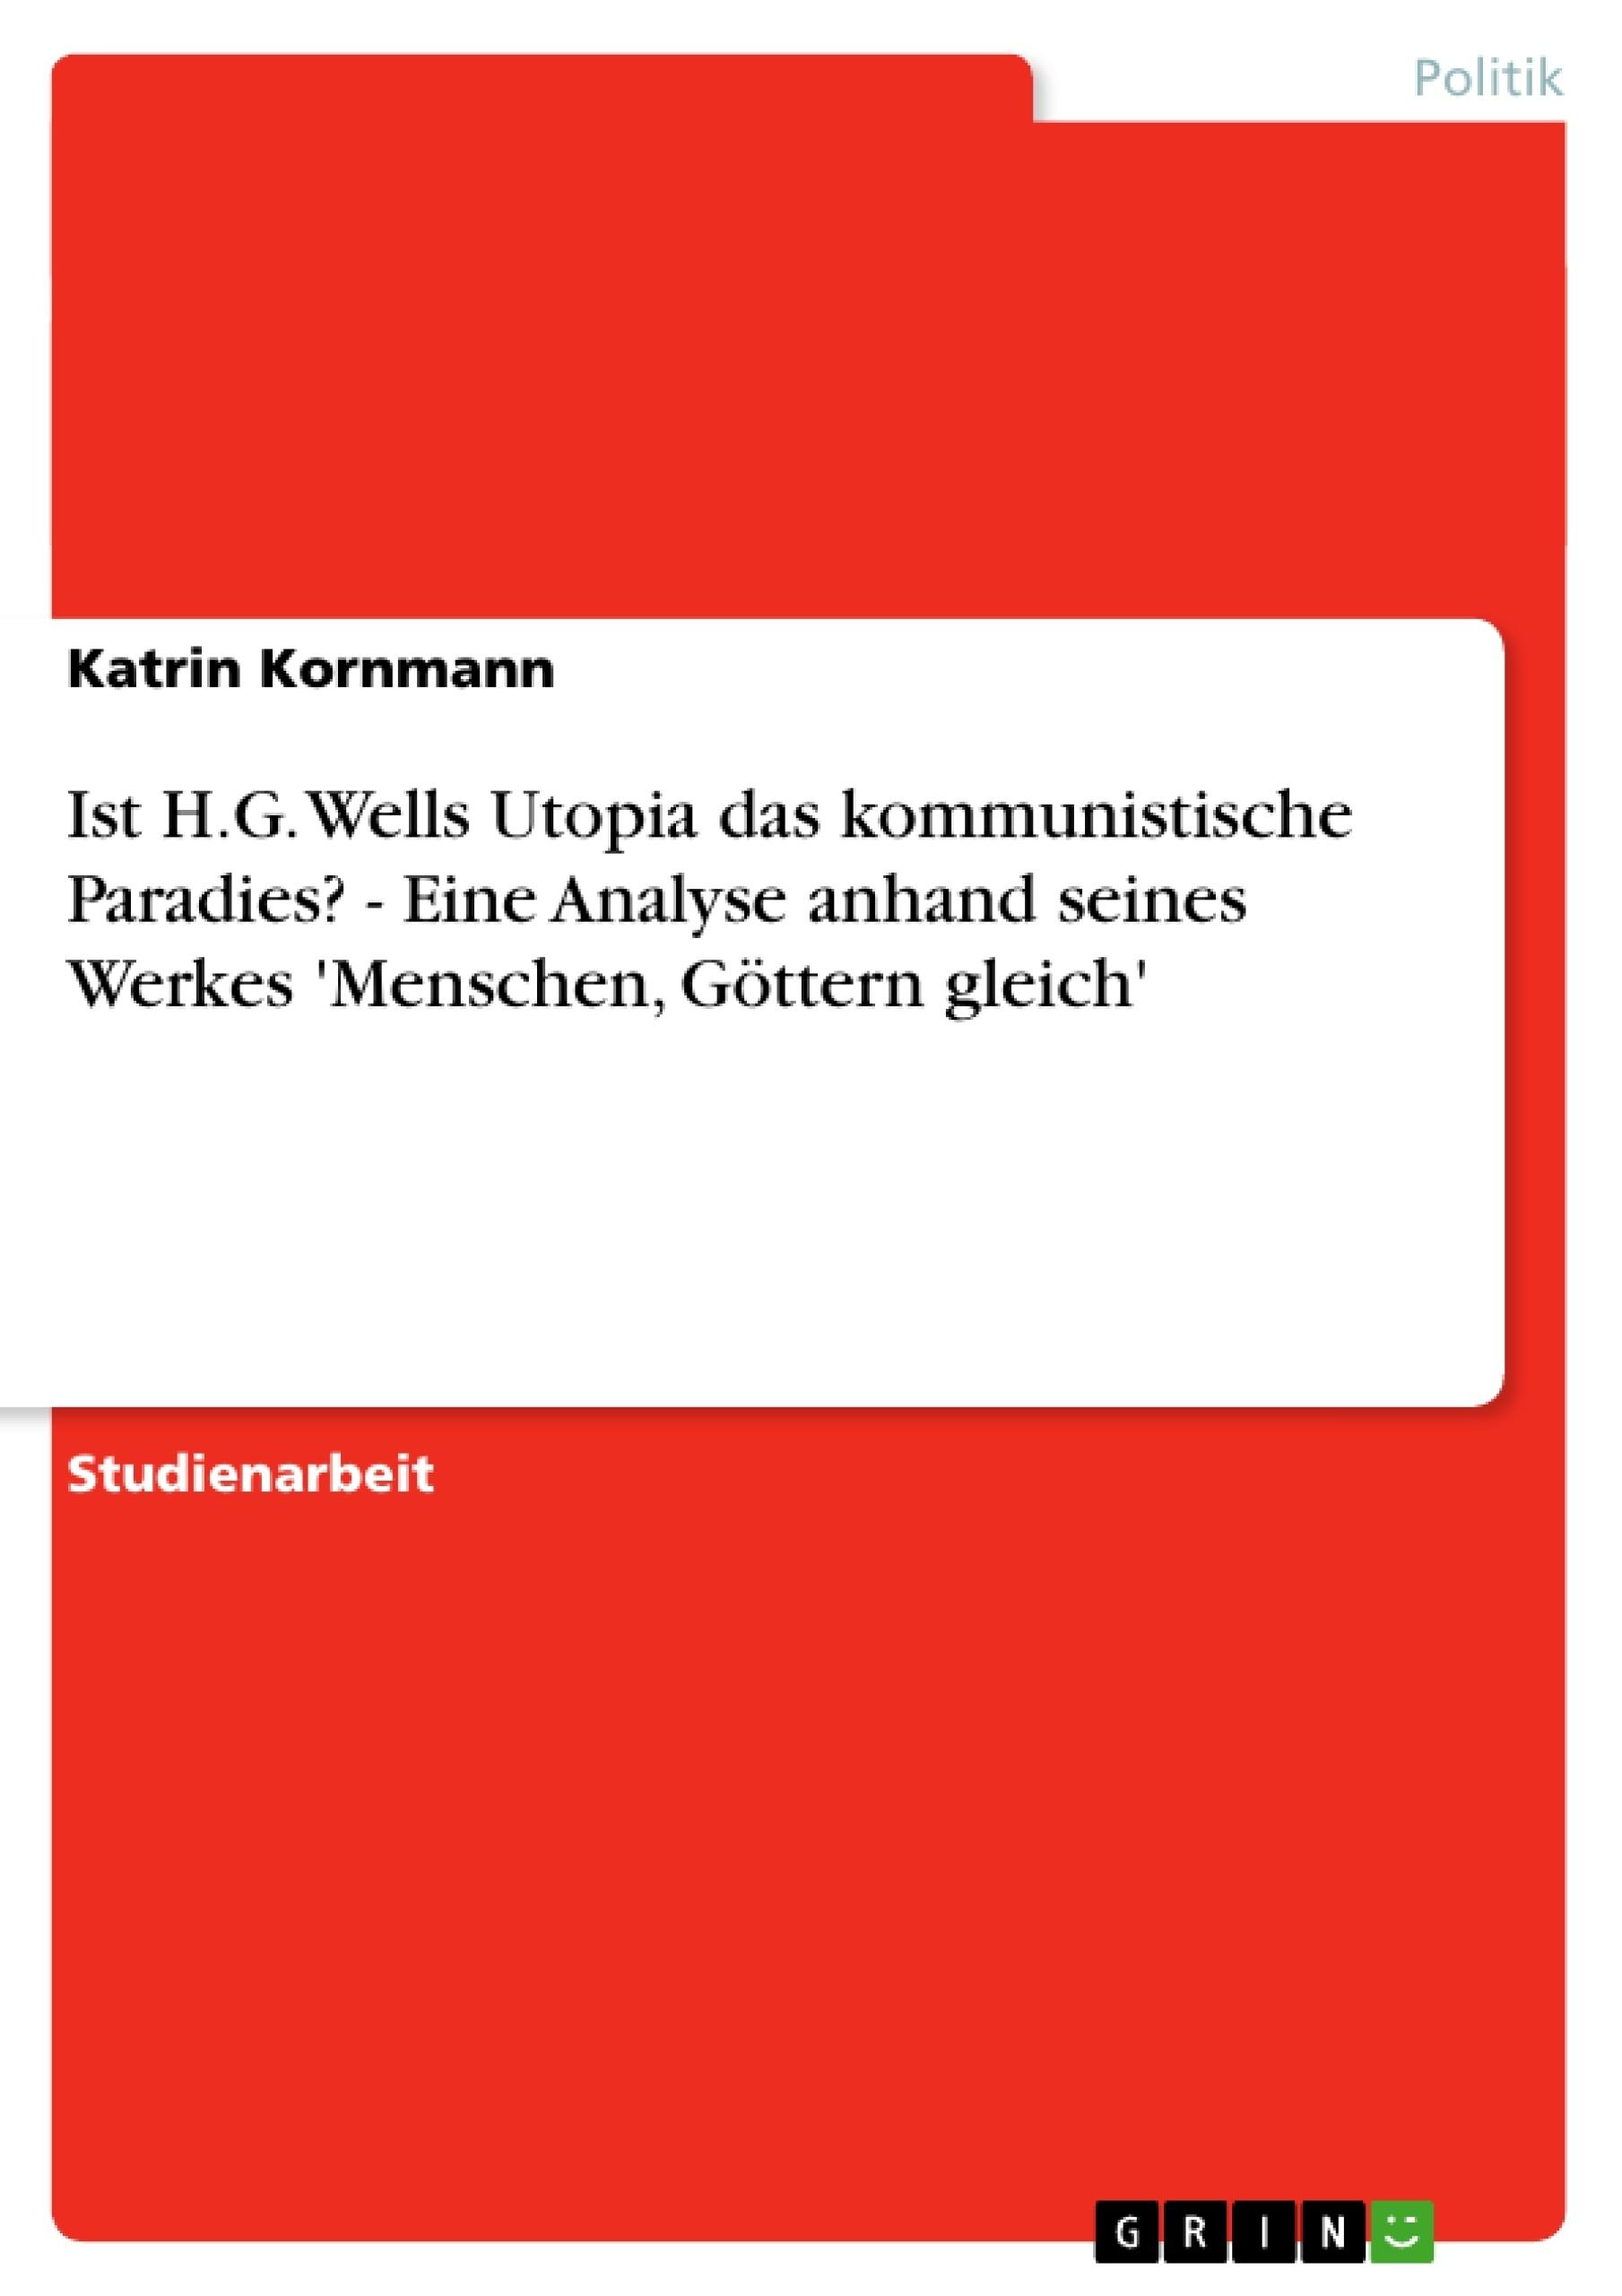 Titel: Ist H.G. Wells Utopia das kommunistische Paradies? - Eine Analyse anhand seines Werkes 'Menschen, Göttern gleich'